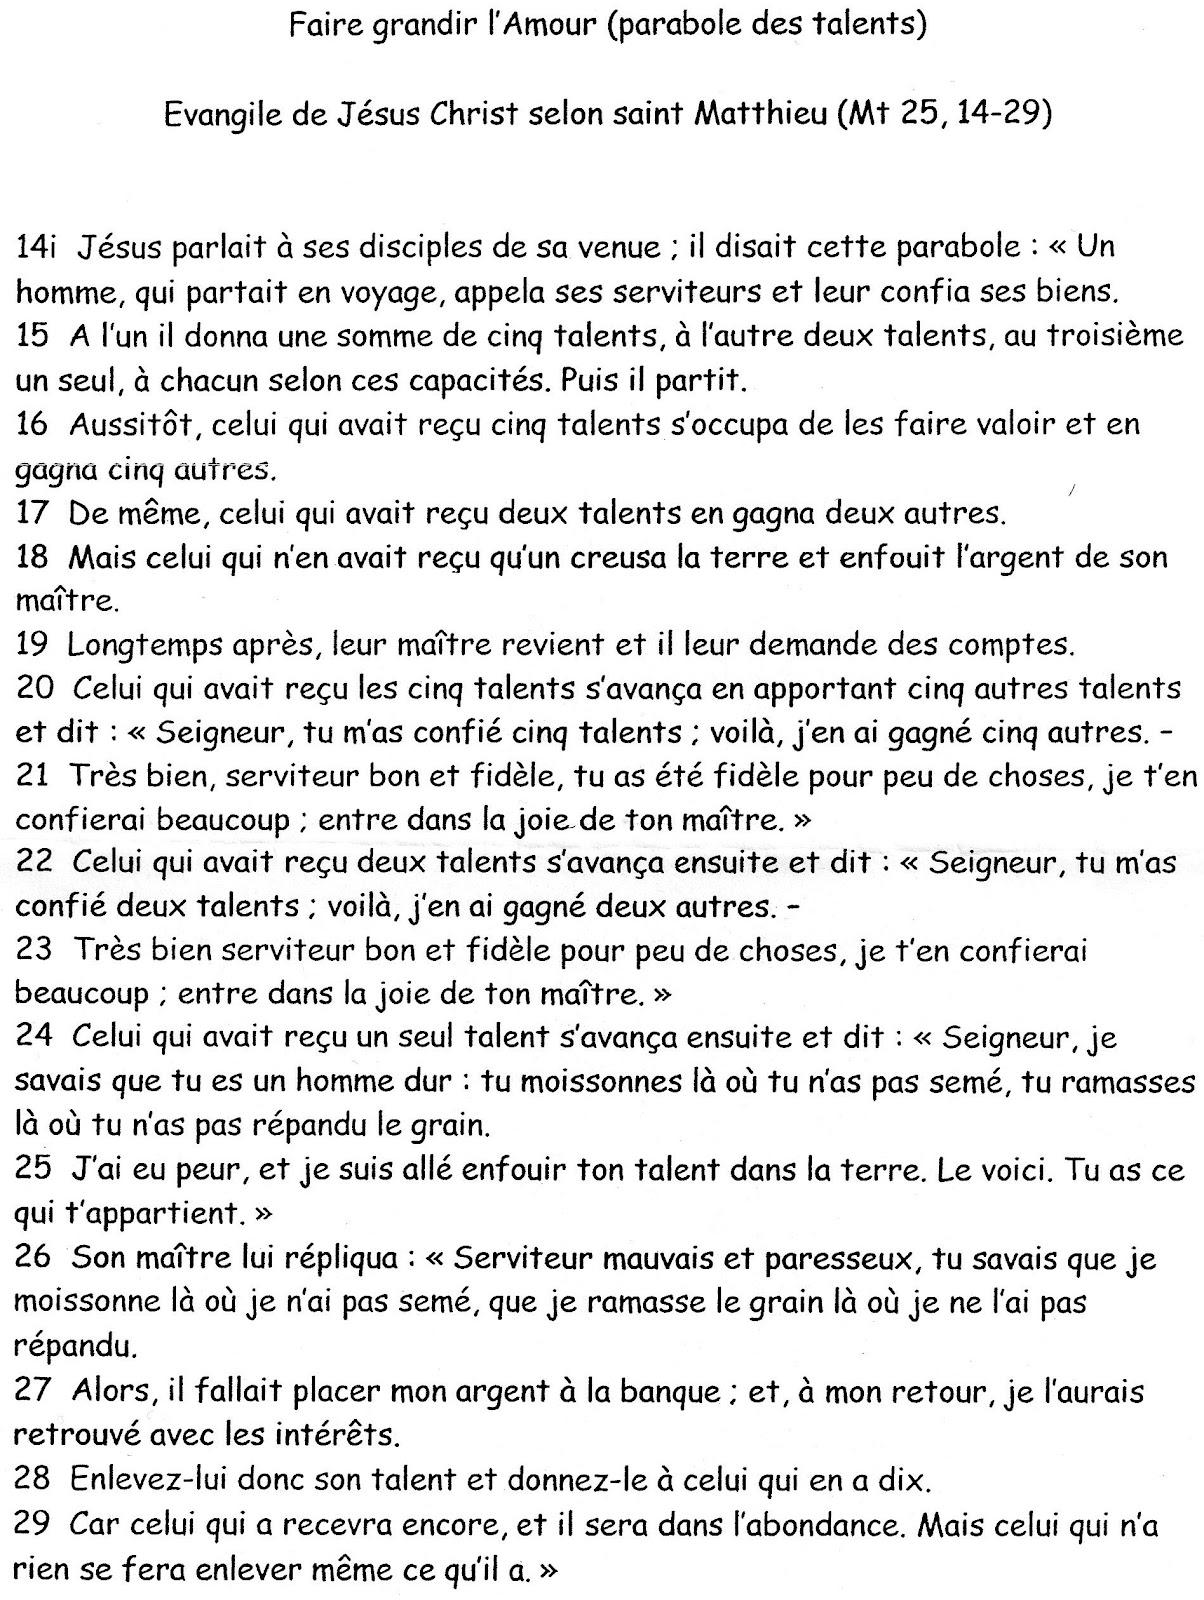 Berühmt Milune la vie d'une Nounou.: mars 2012 WY46